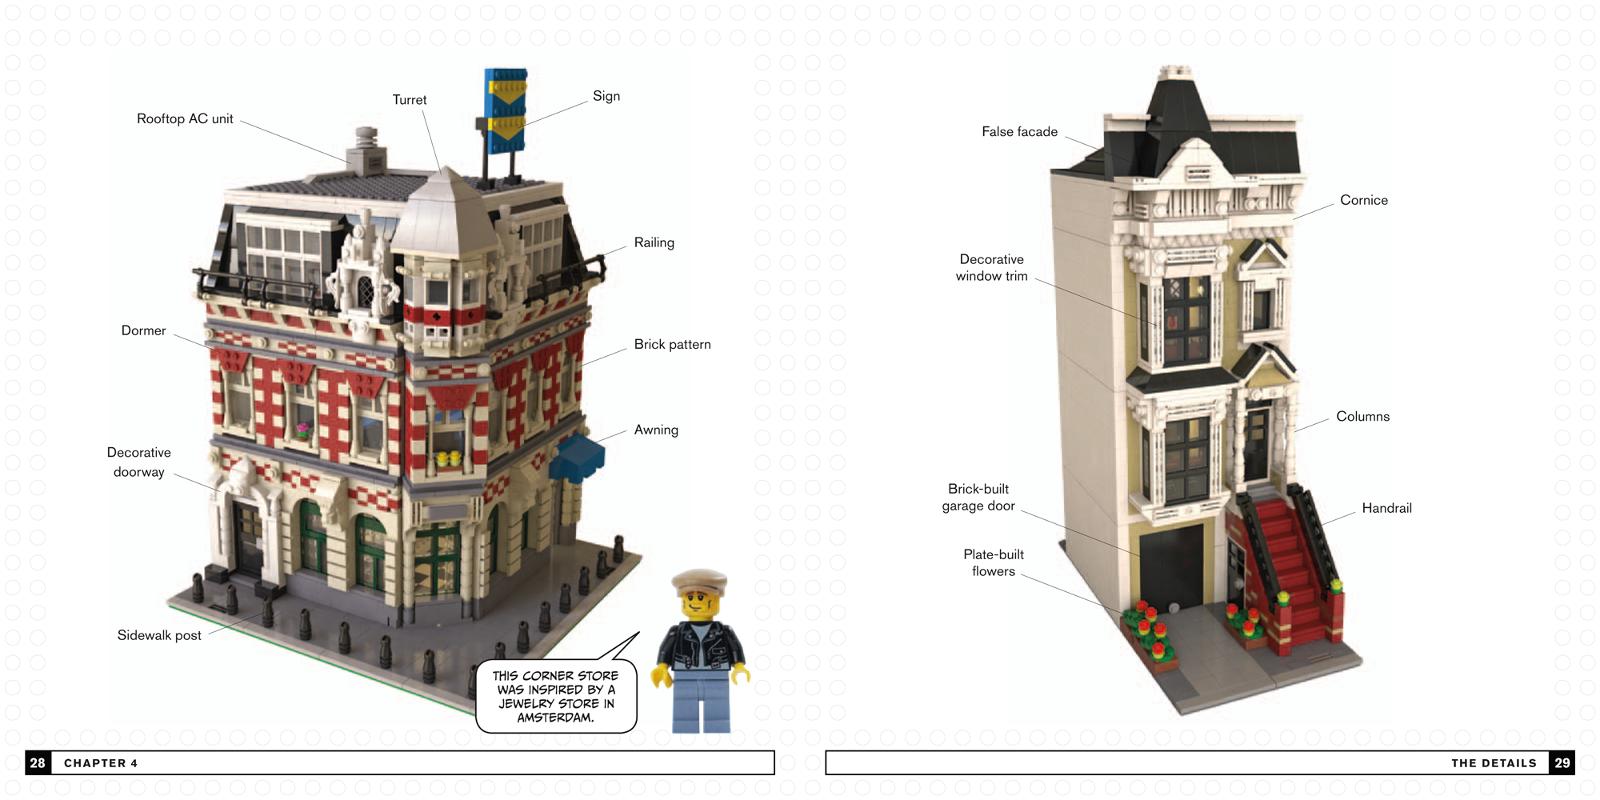 Modular LEGO examples